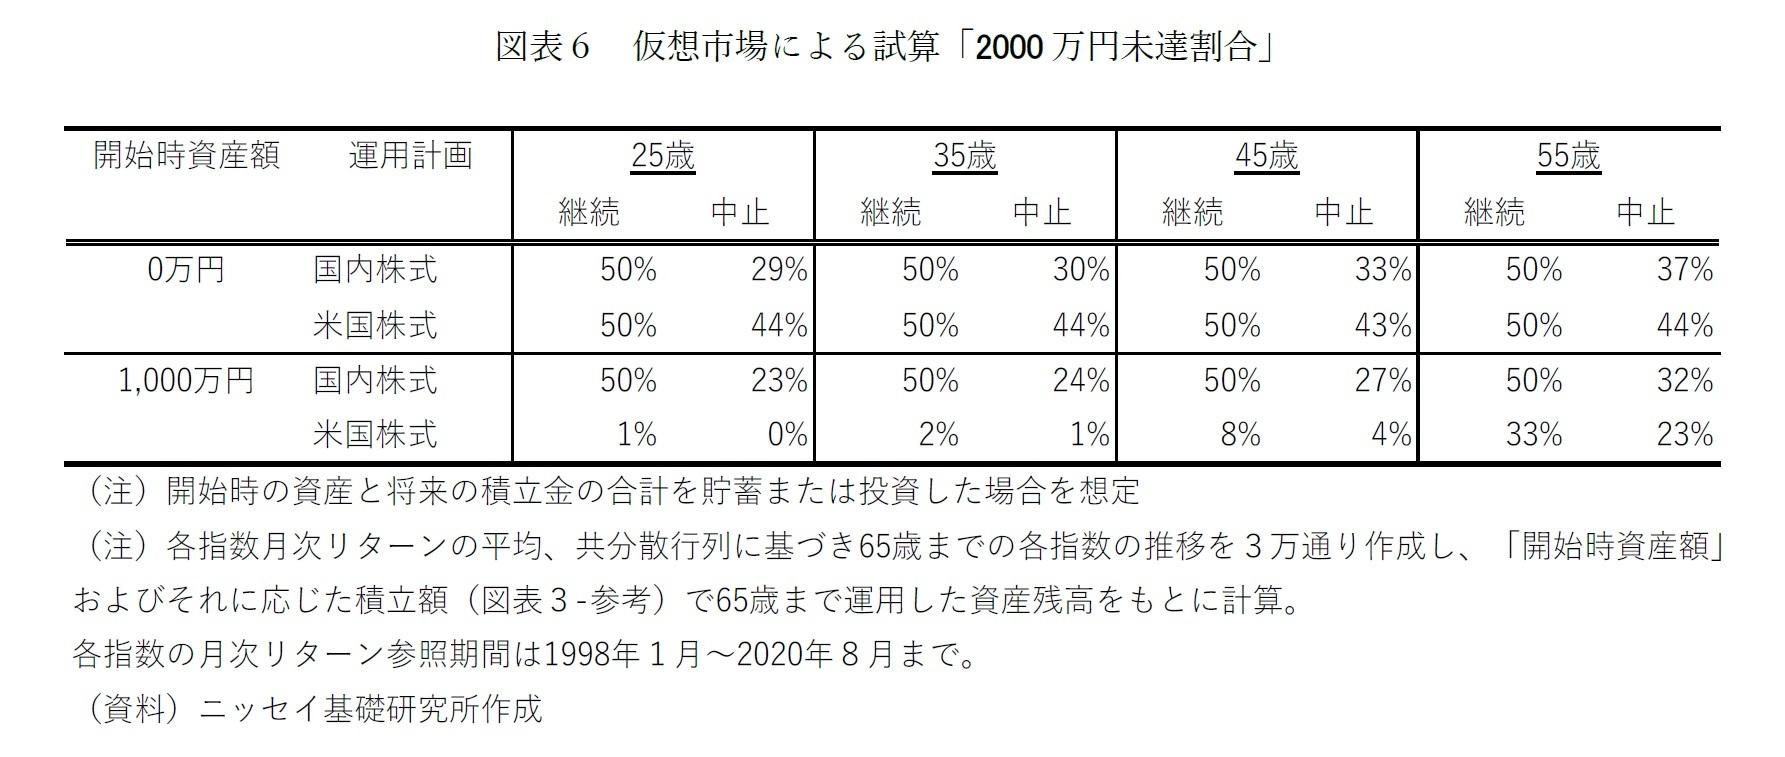 図表6 仮想市場による試算「2000 万円未達割合」